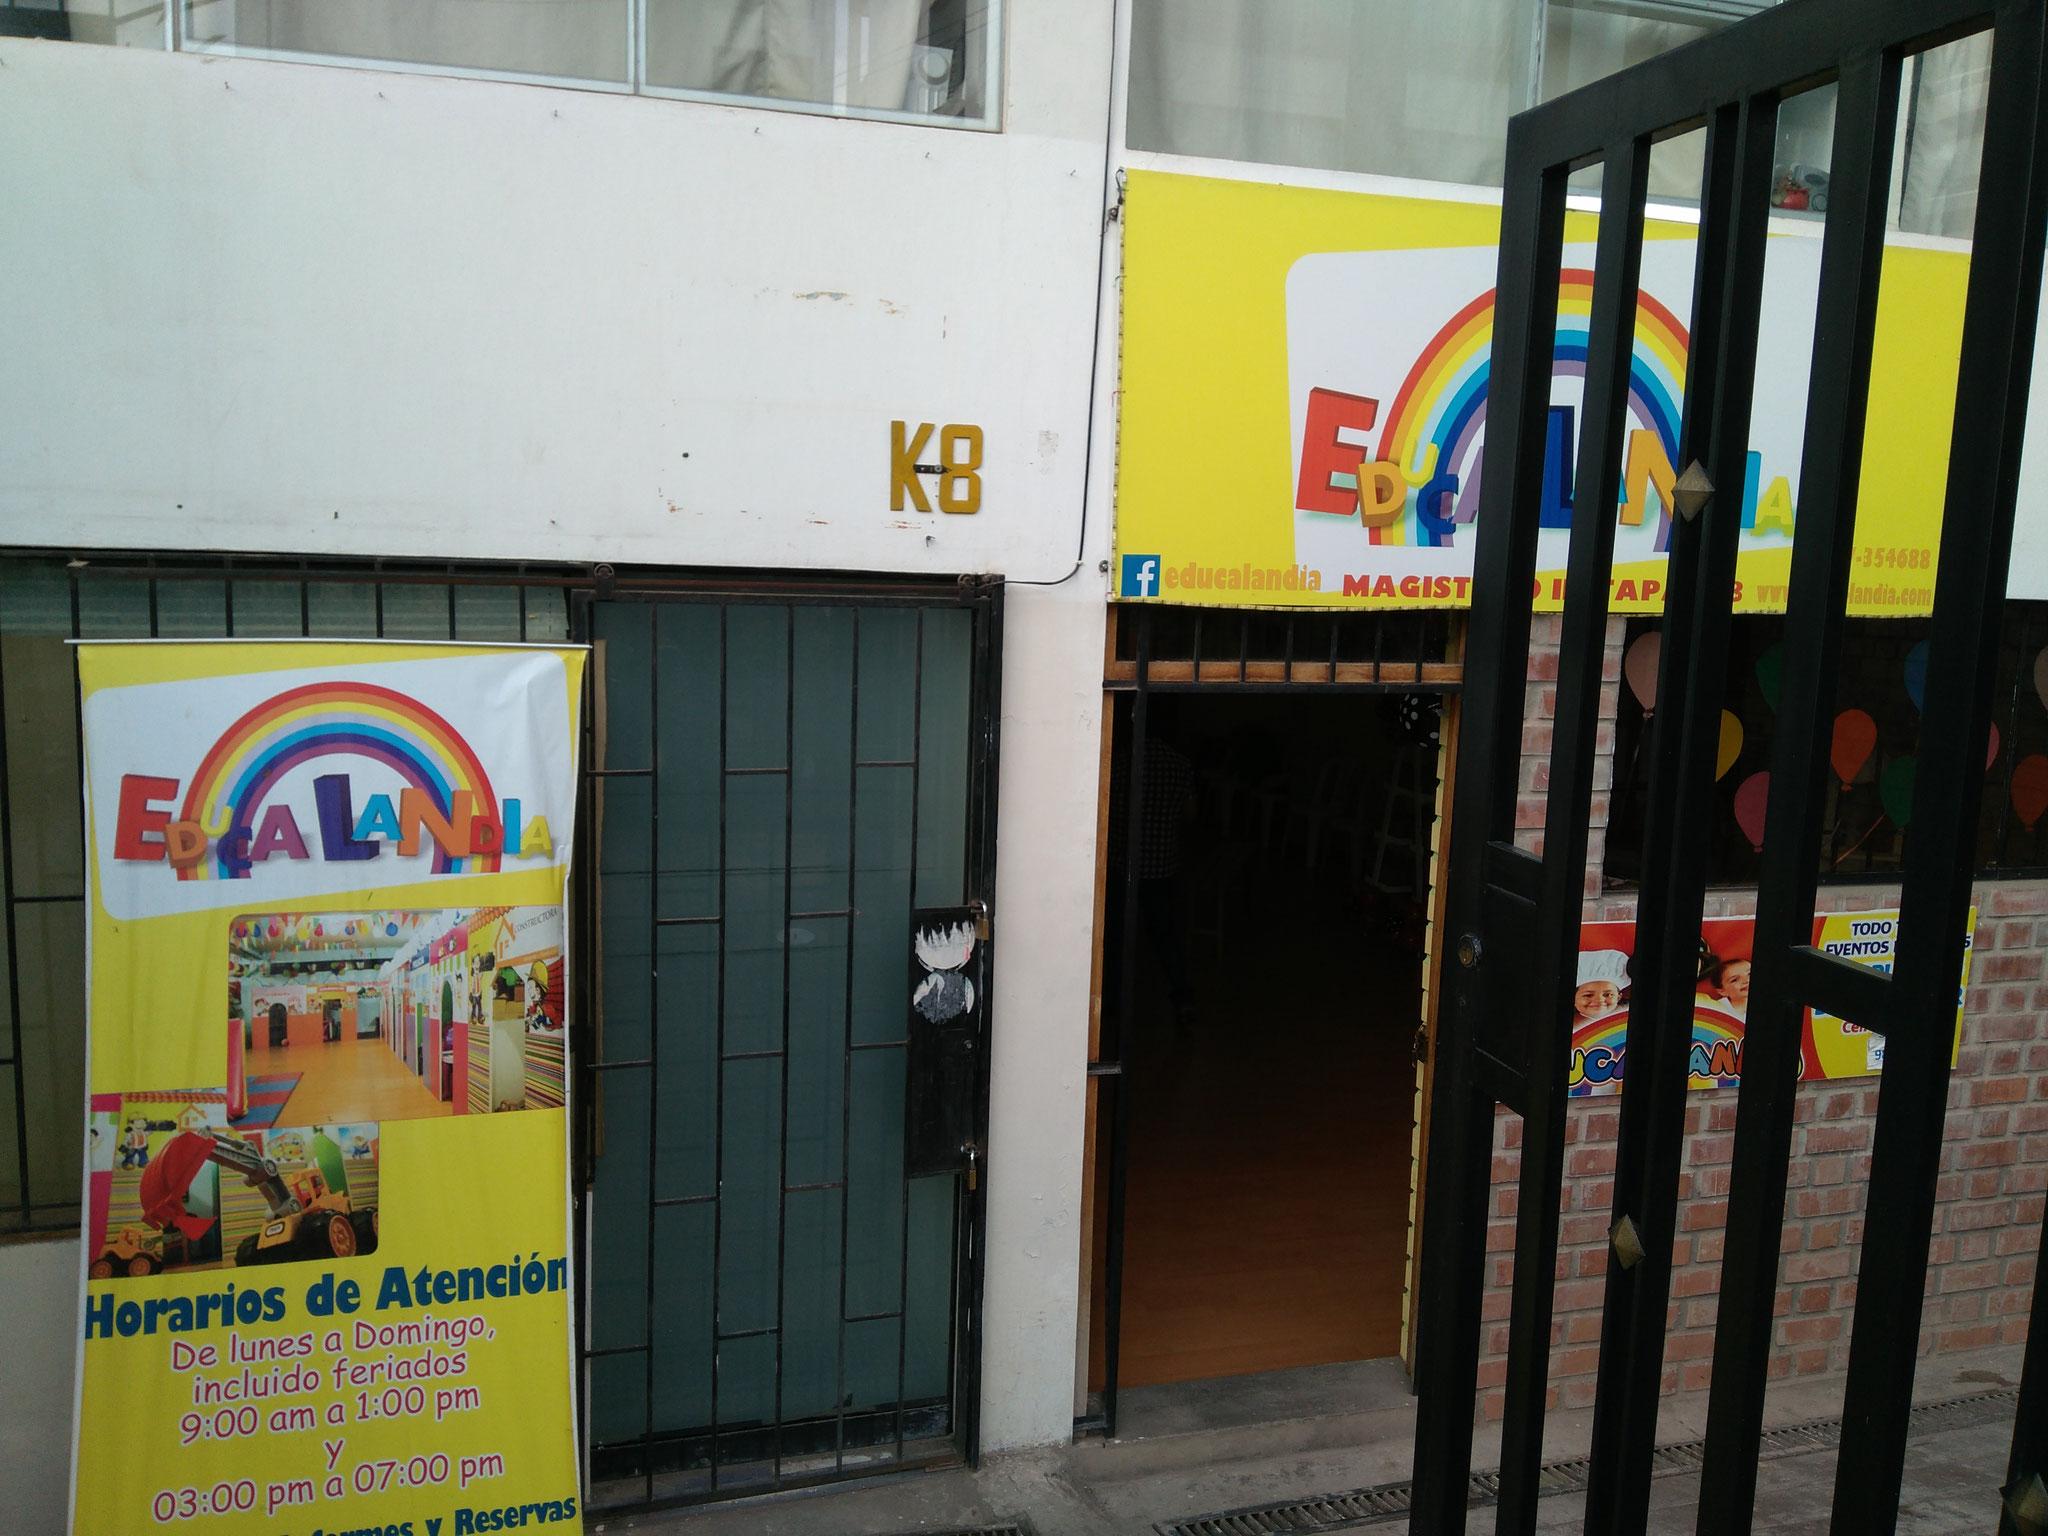 Die Gastgeberin hat extra ein Spieleparadies für Kinder angemietet.